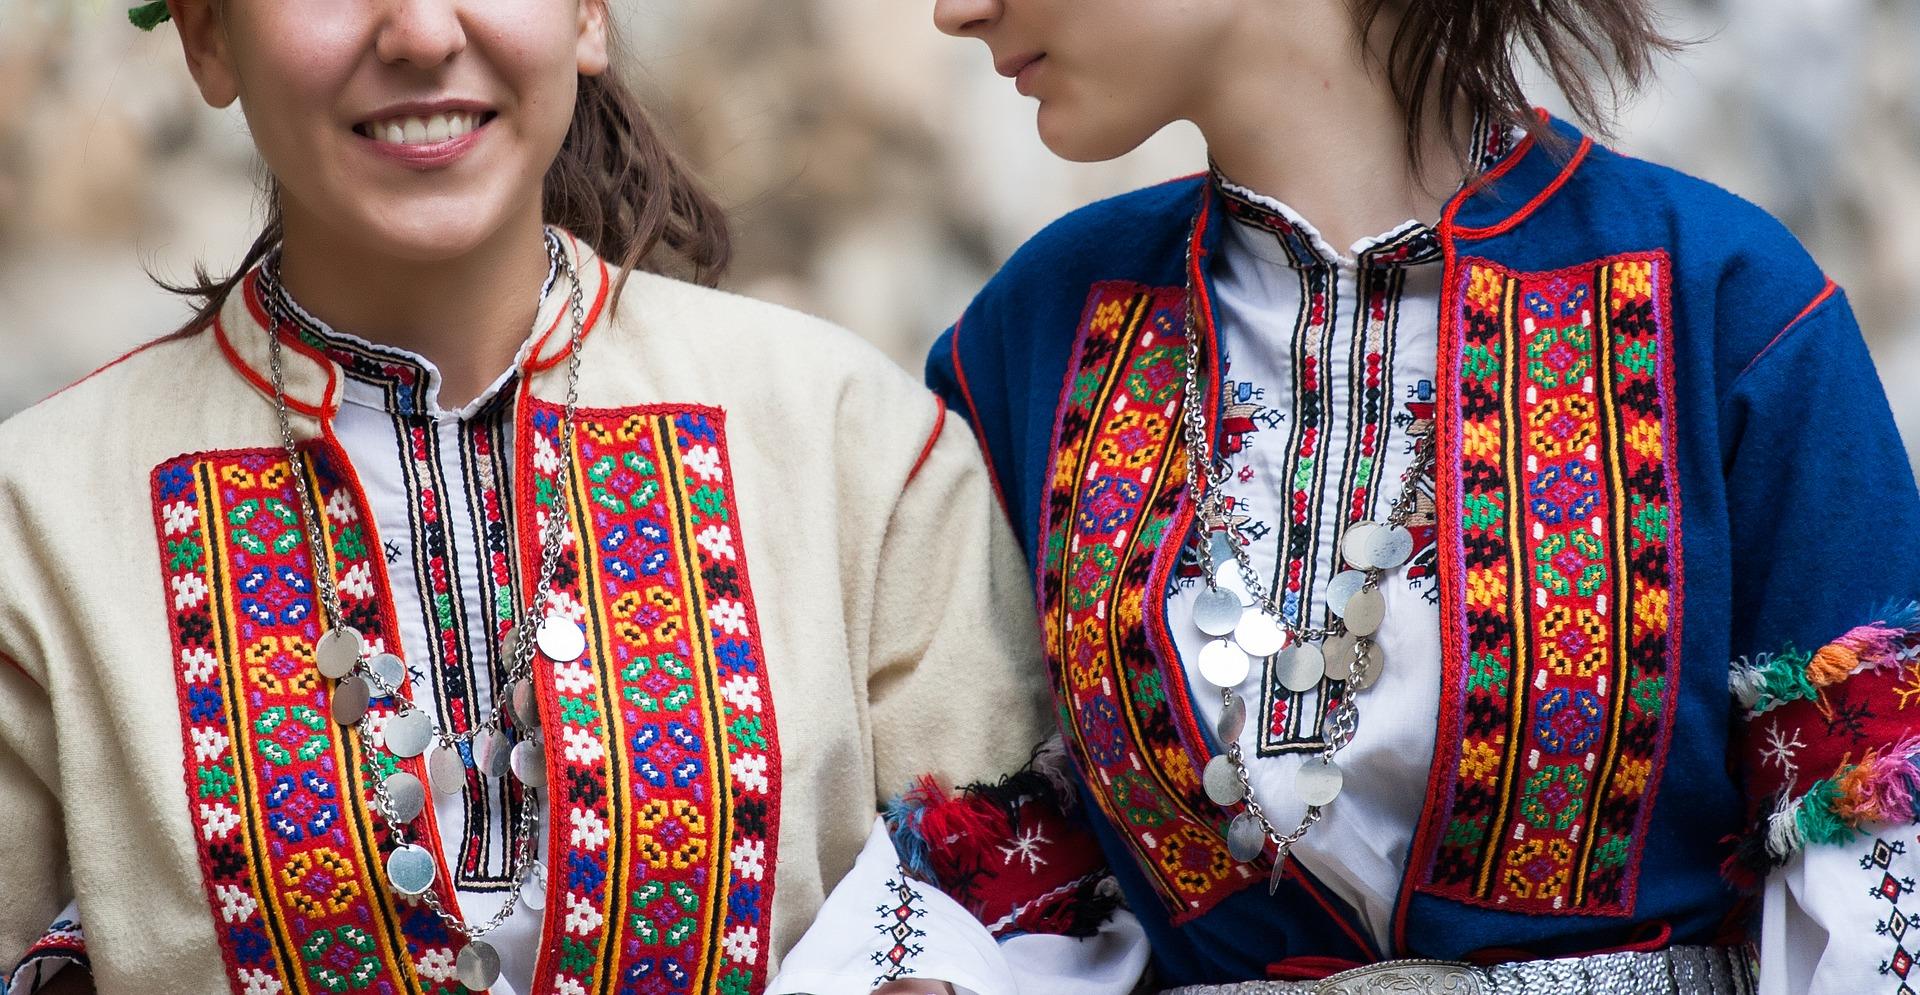 mezhdunarodnaya-hudozhestvennaya-vystavka-solnechnaya-bolgariya